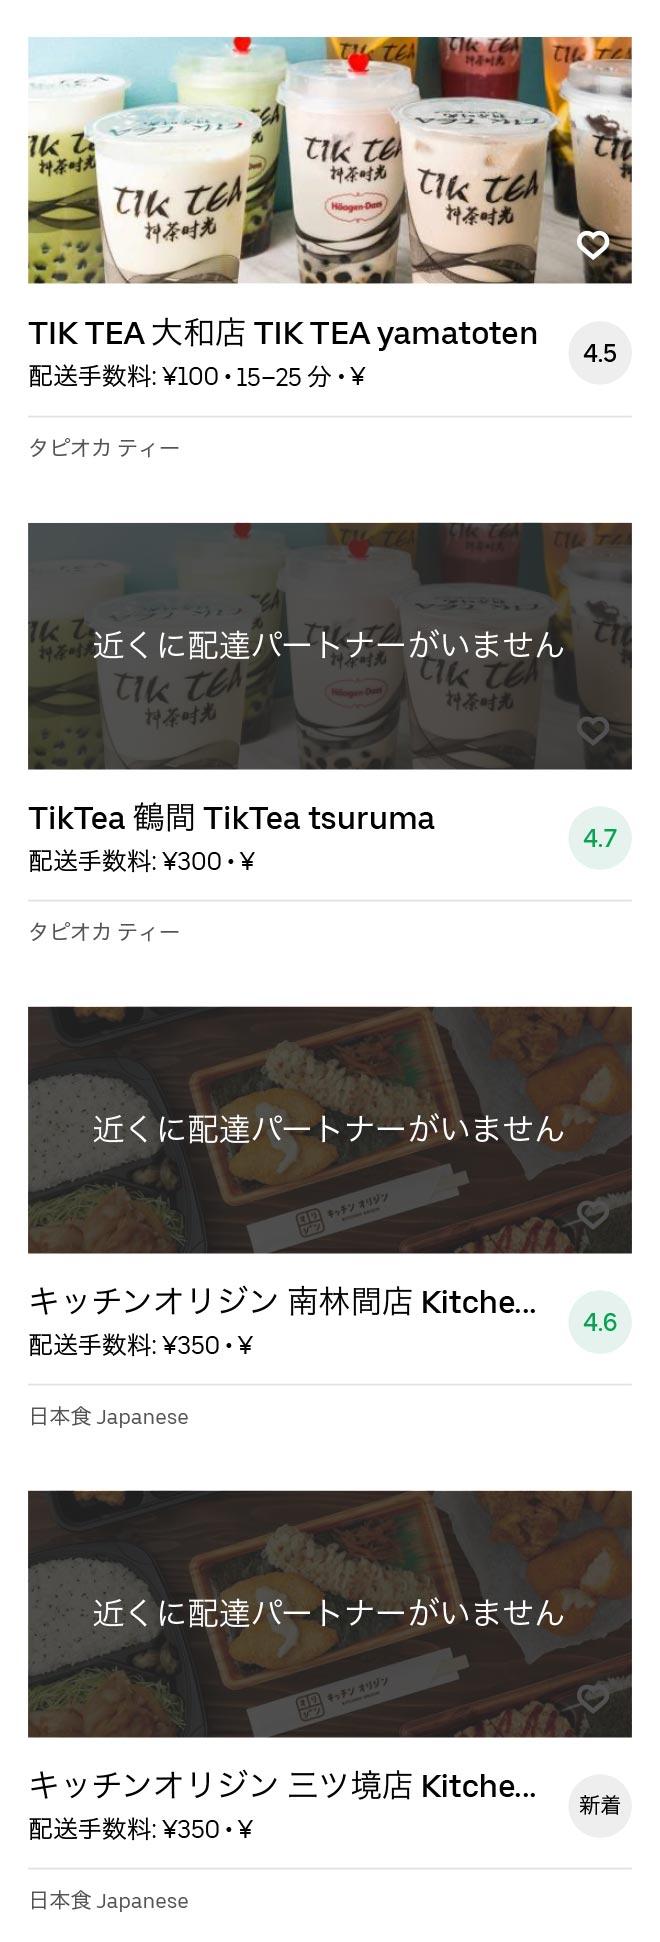 Yamato menu 2008 07